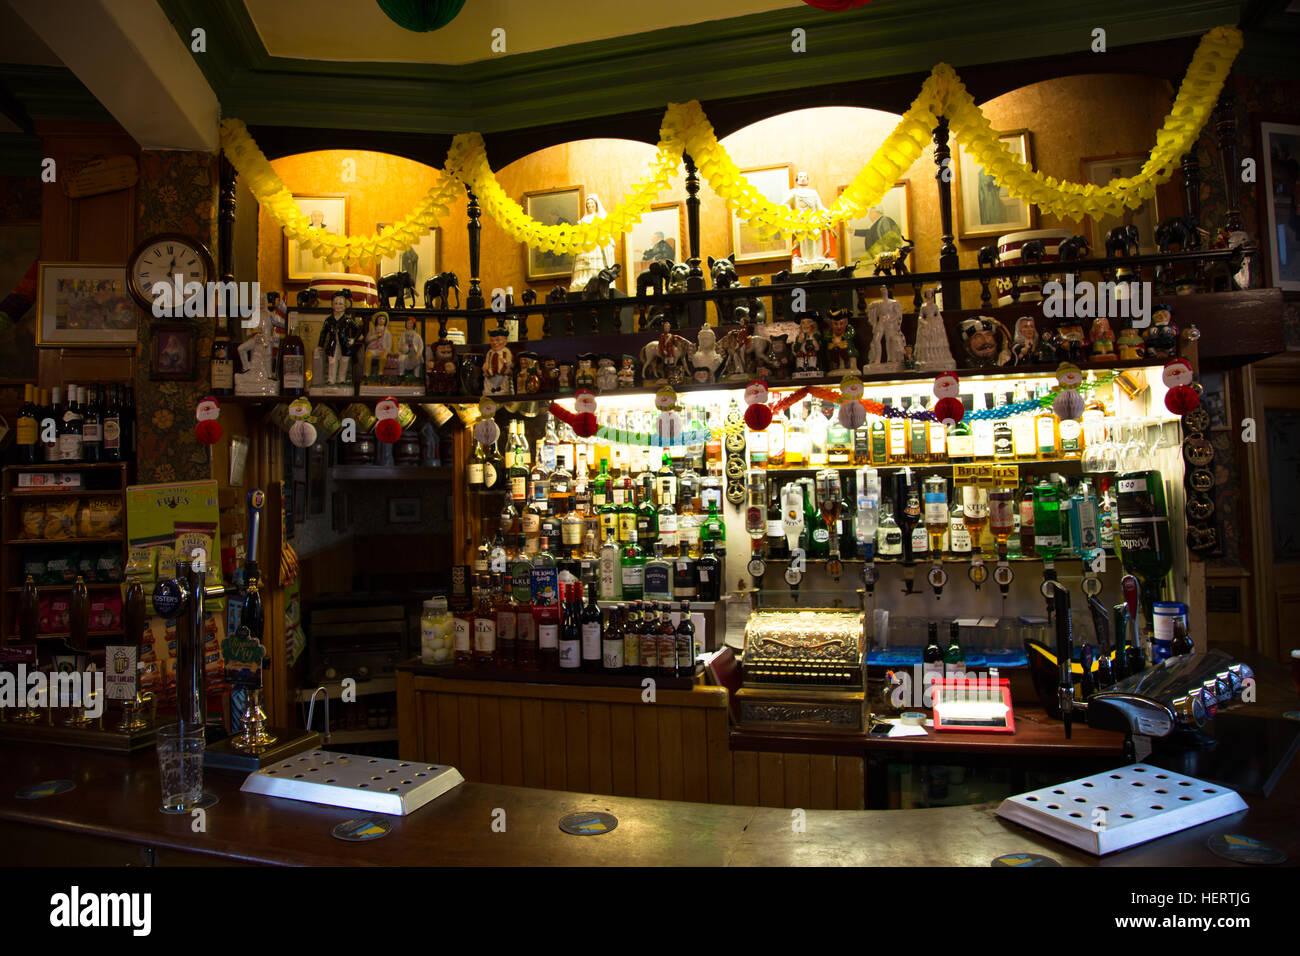 L'intérieur d'un pub victorien anglais/Bar avec des décorations de fête, prises à Durham, Photo Stock